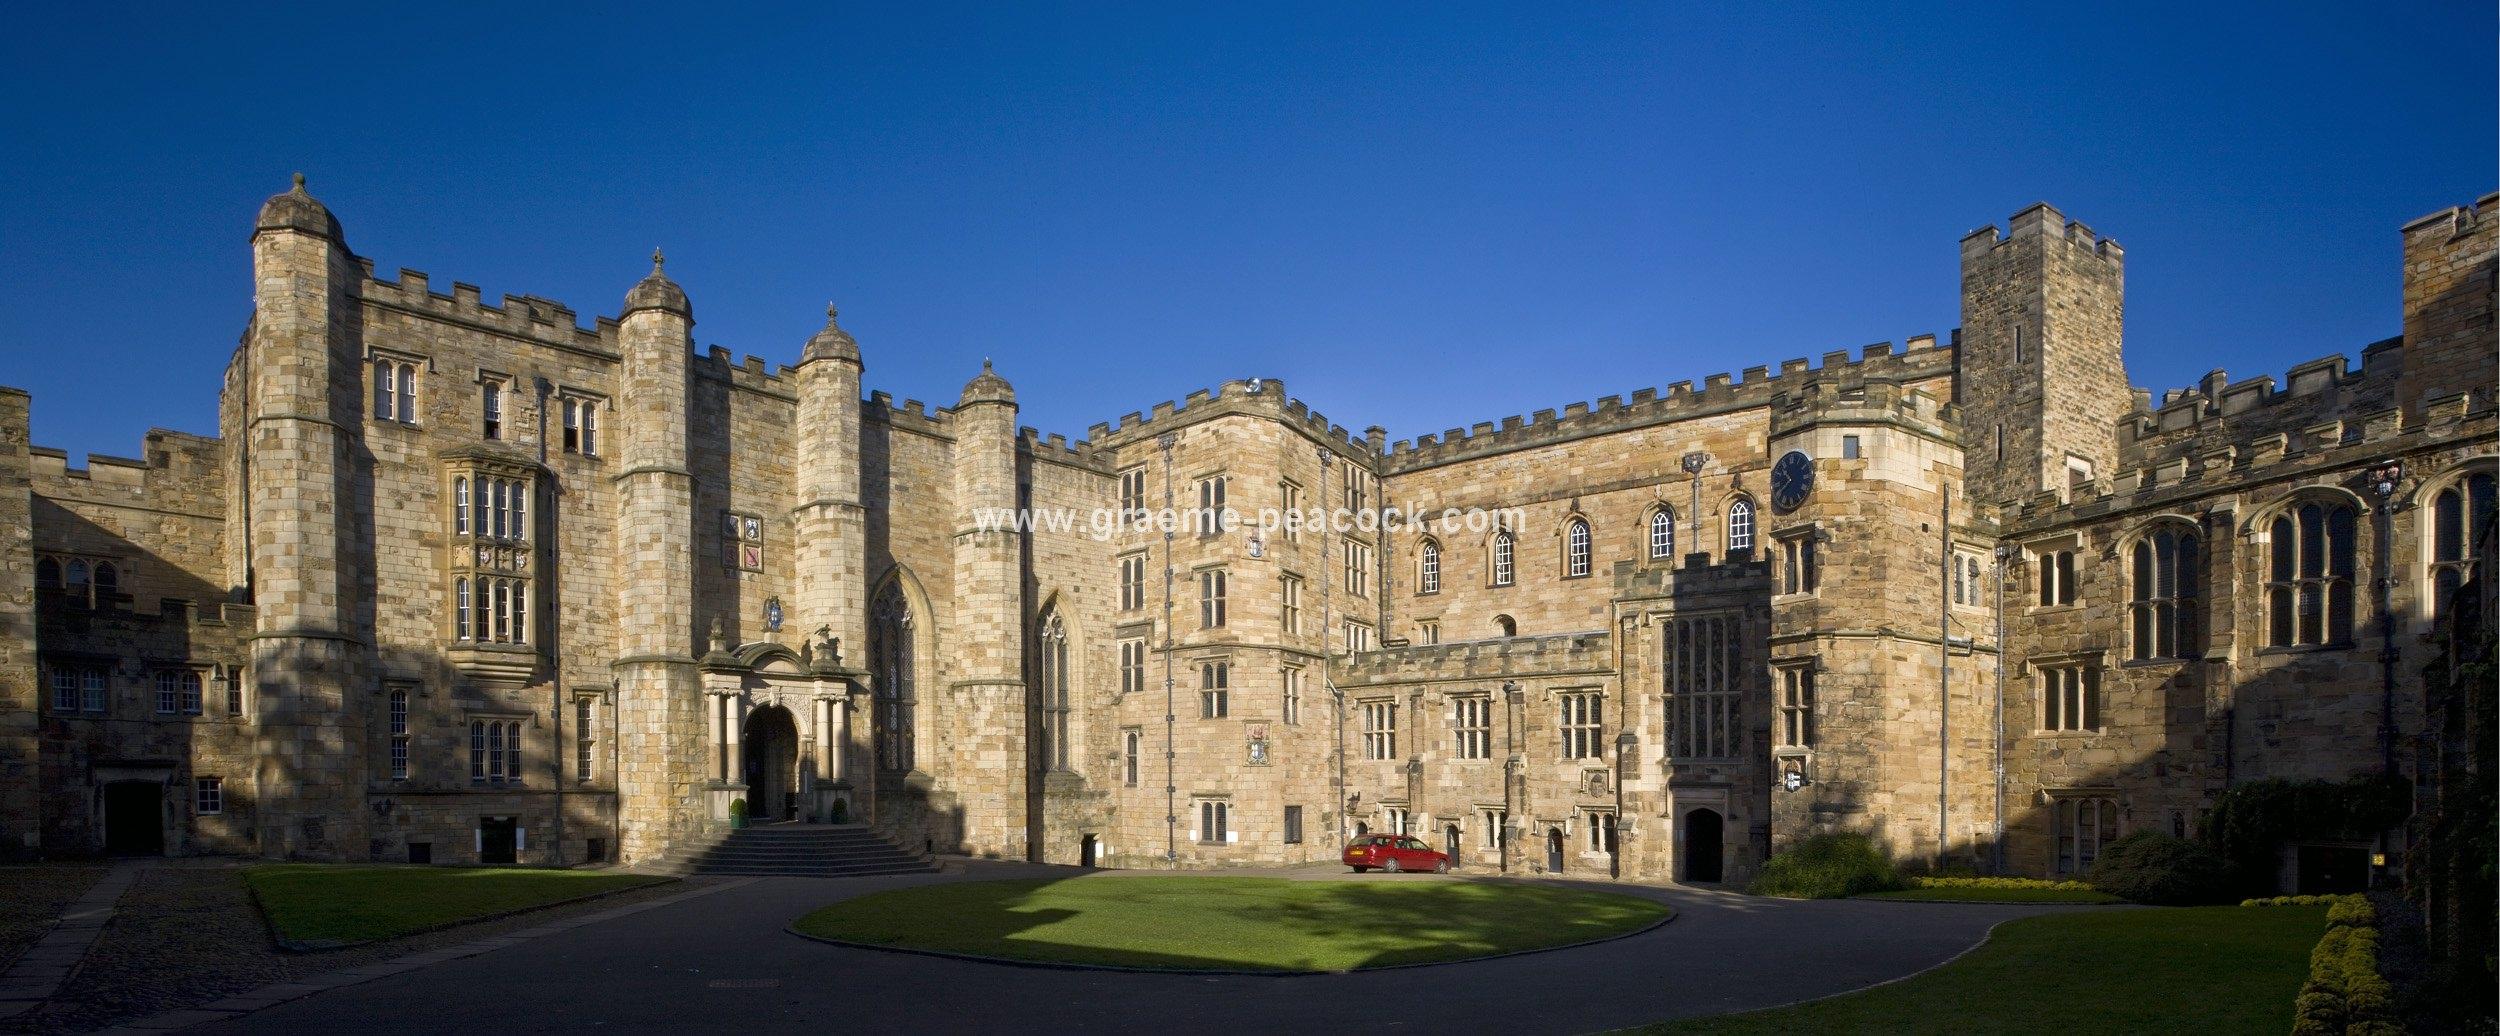 Castillo de Durham - Megaconstrucciones, Extreme Engineering